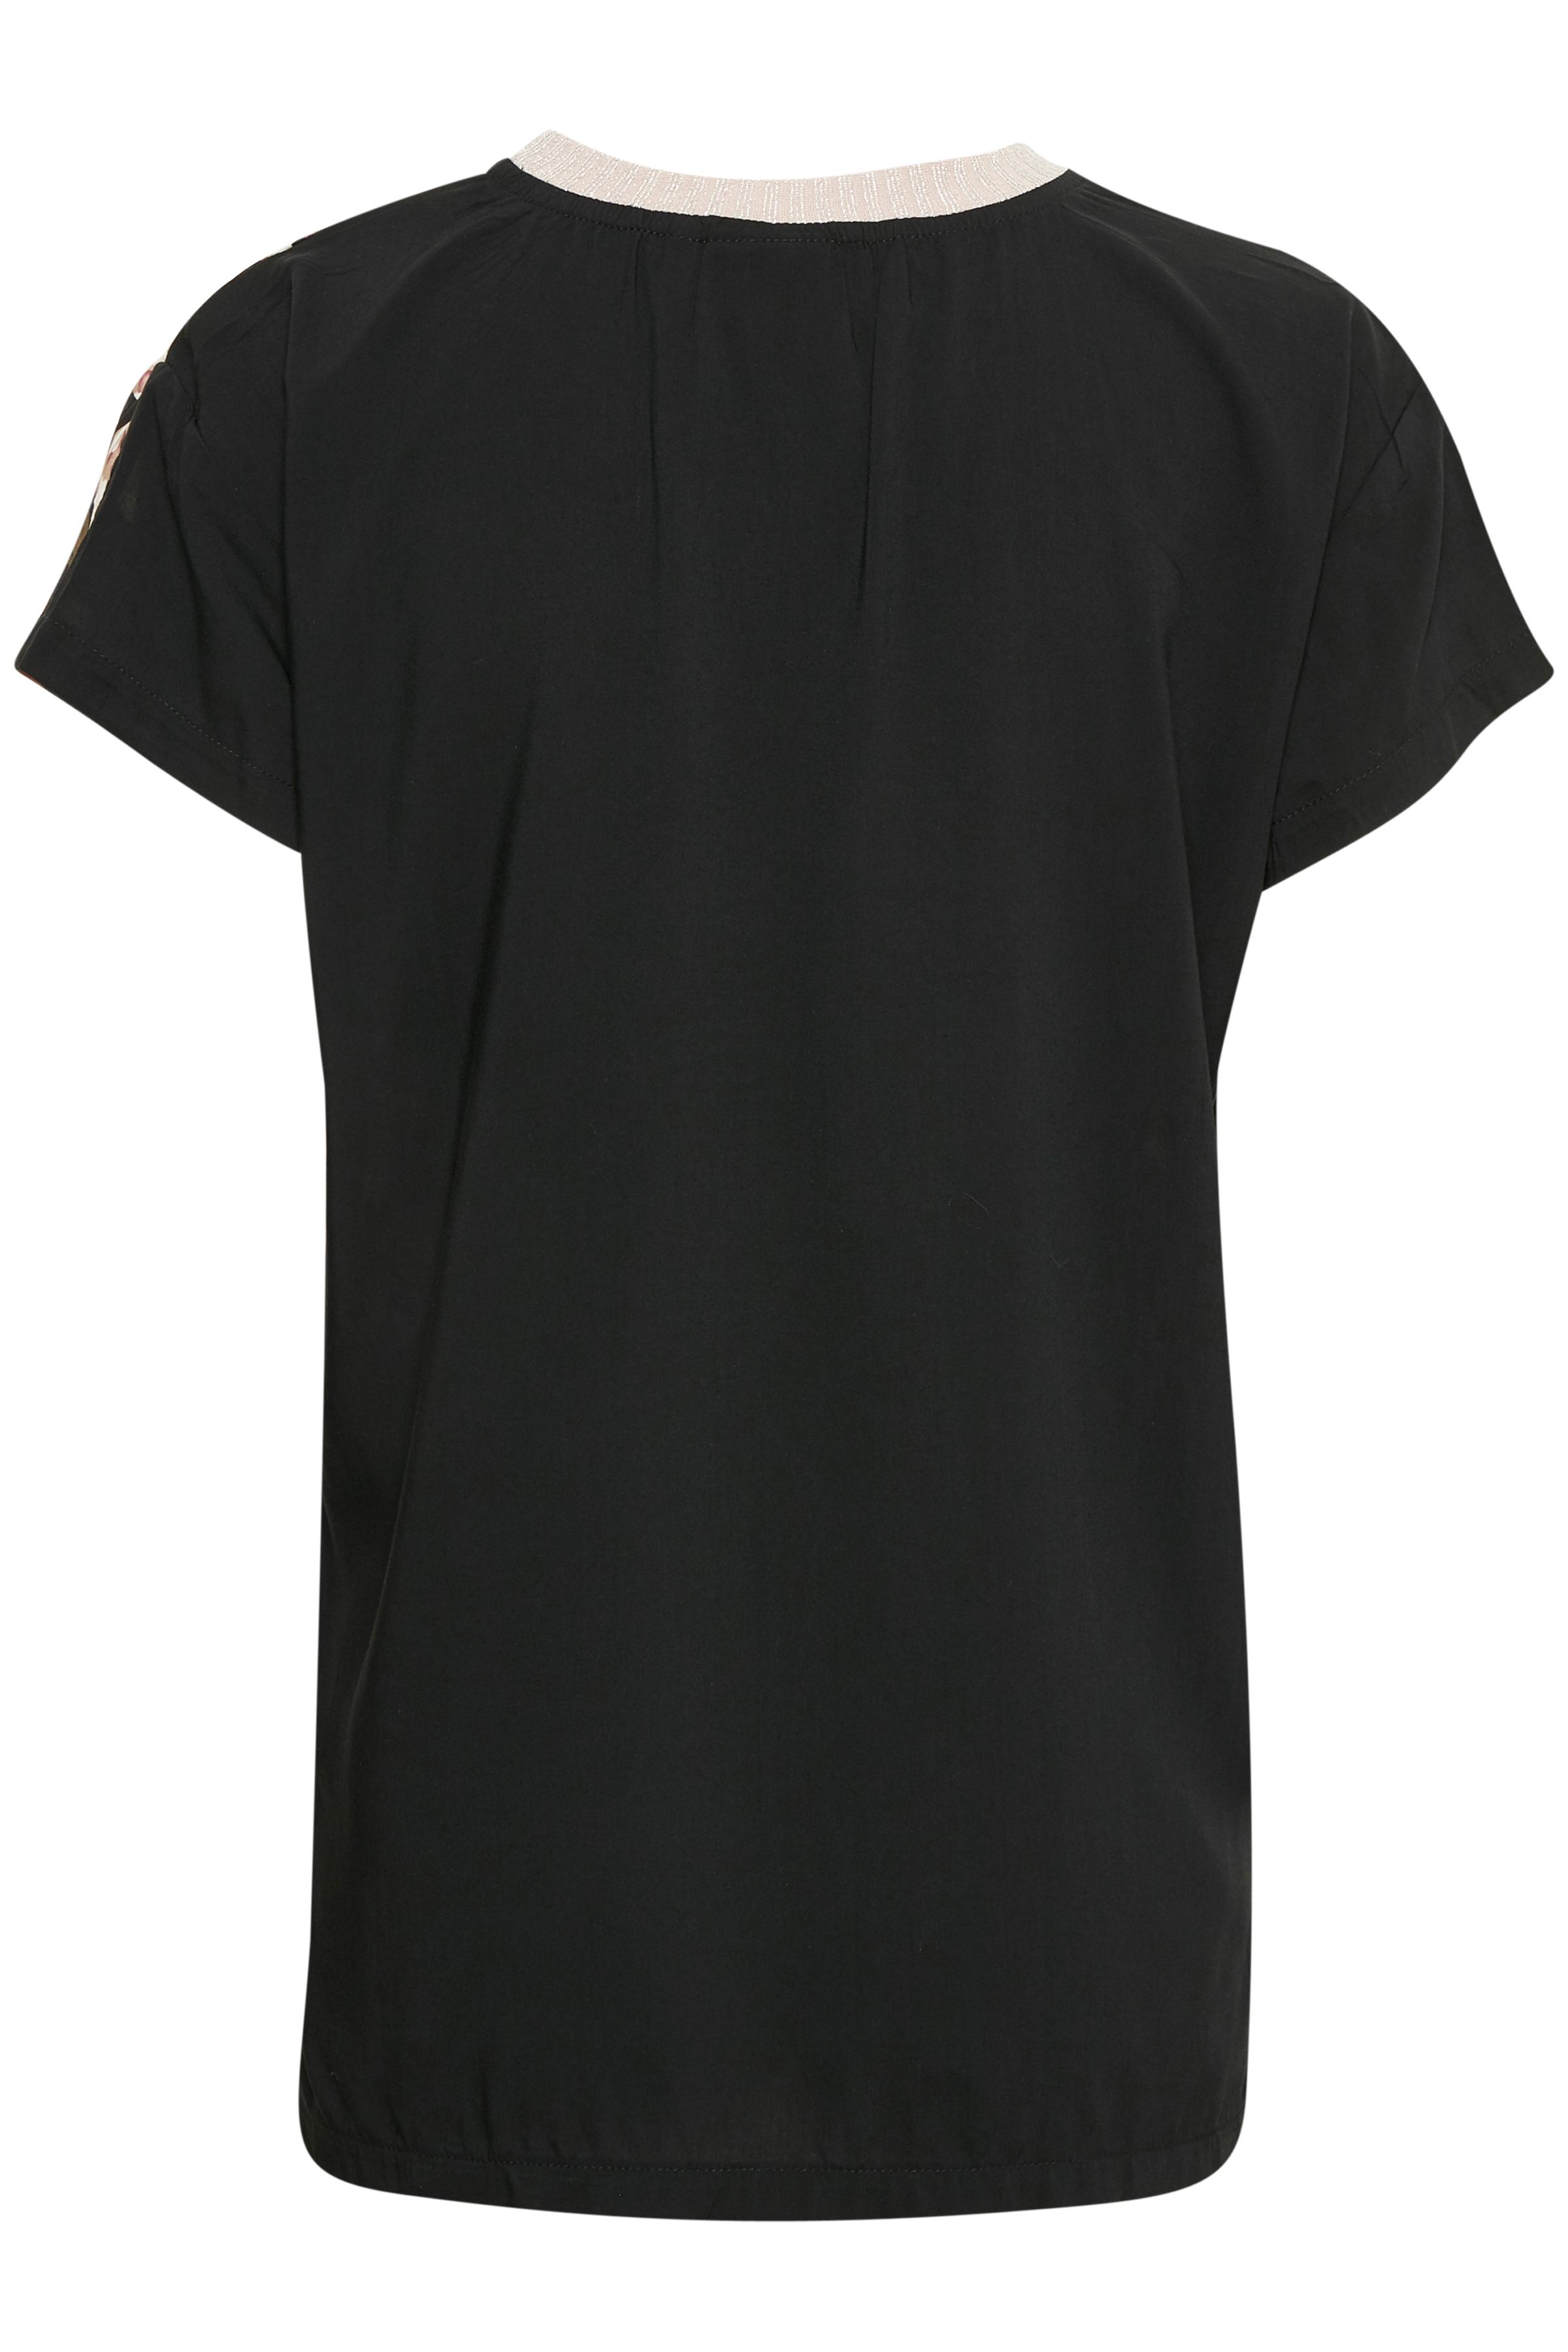 Zwart/roze Blouse met korte mouwen van b.young – Door Zwart/roze Blouse met korte mouwen van maat. 34-46 hier